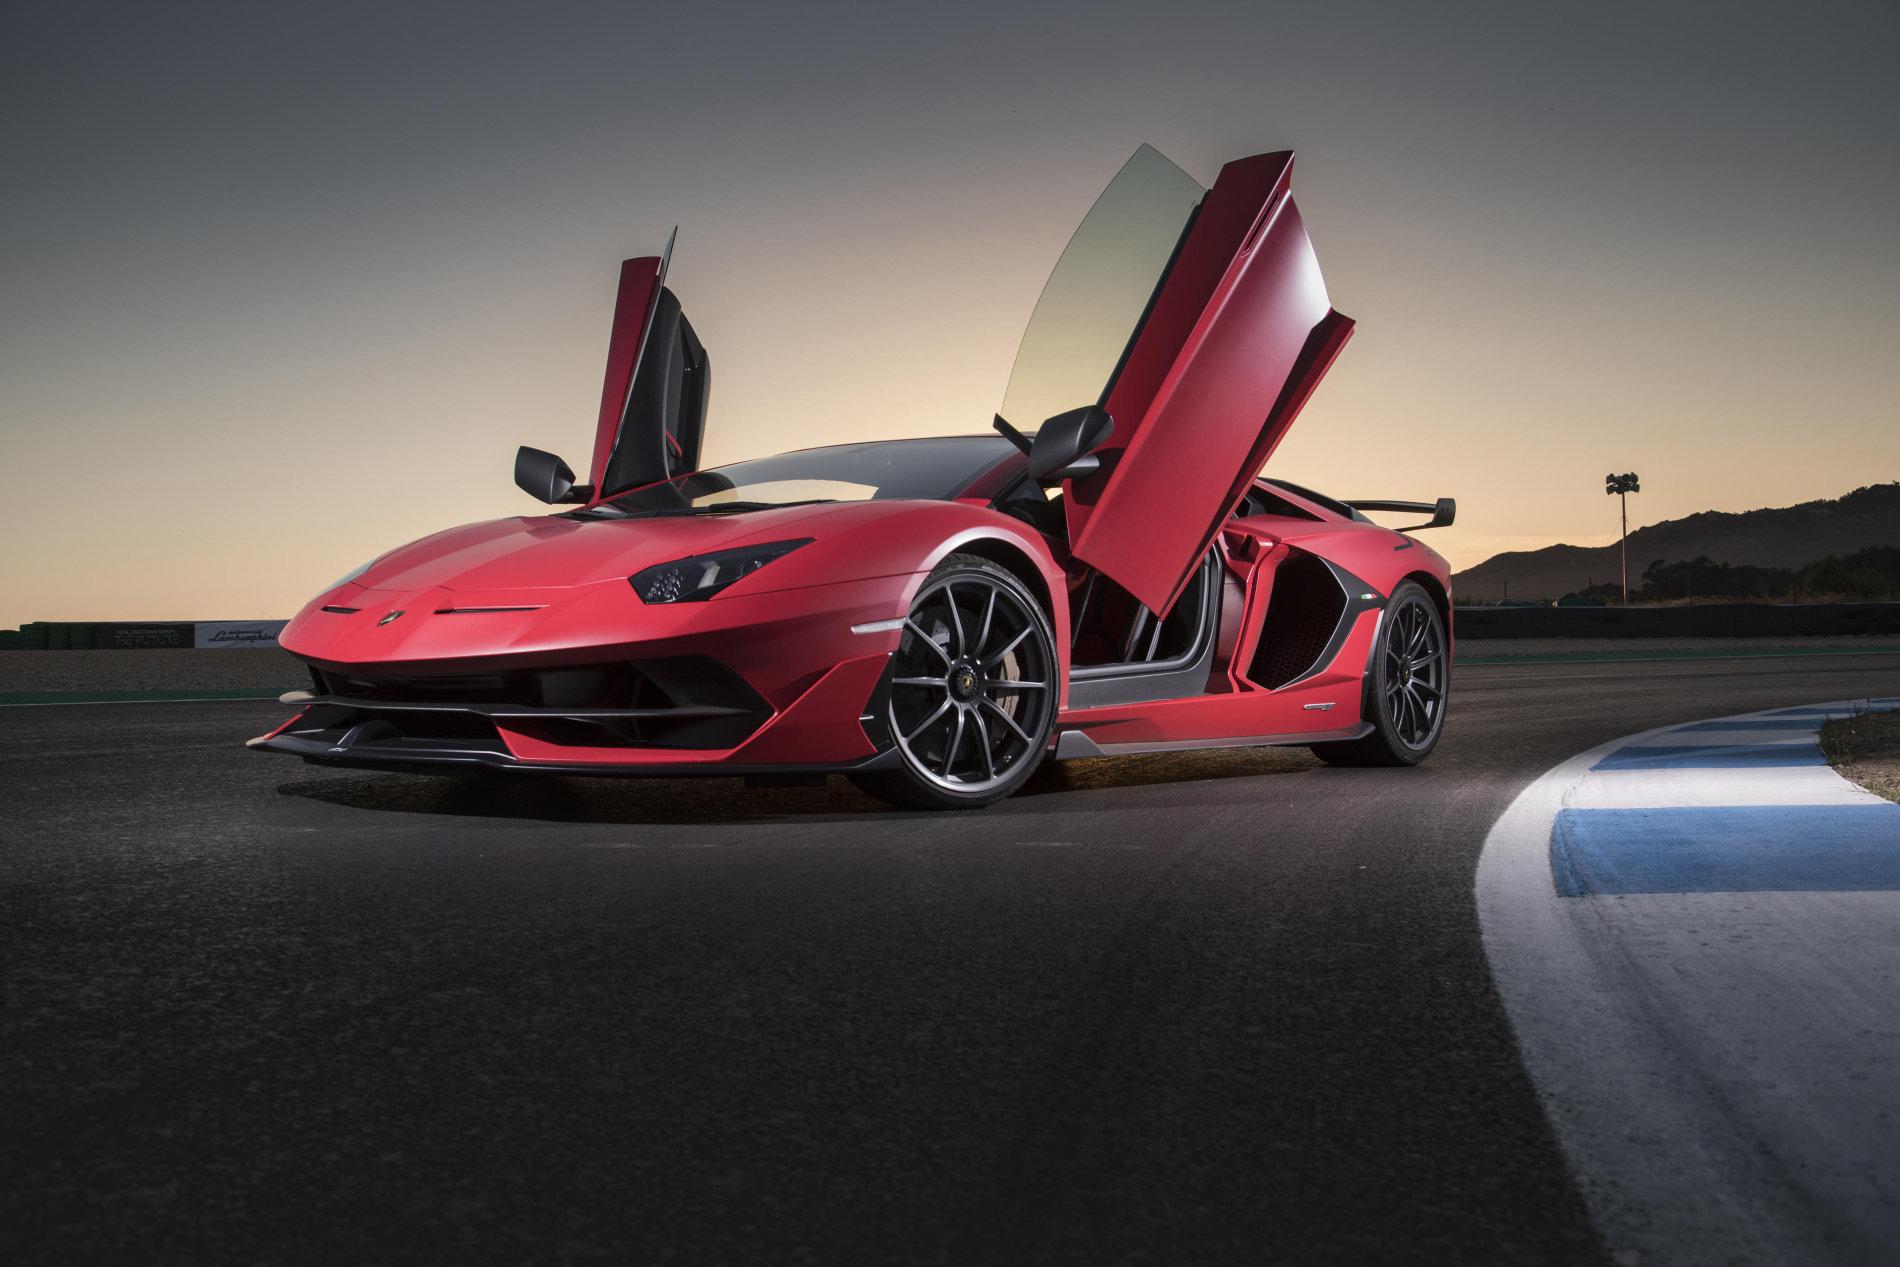 LISTA ACTUALIZATA cu zeii industriei auto. Cele mai rapide 10 masini de serie de pe NURBURGRING - LISTA ACTUALIZATA cu zeii industriei auto. Cele mai rapide 10 masini de serie de pe NURBURGRING